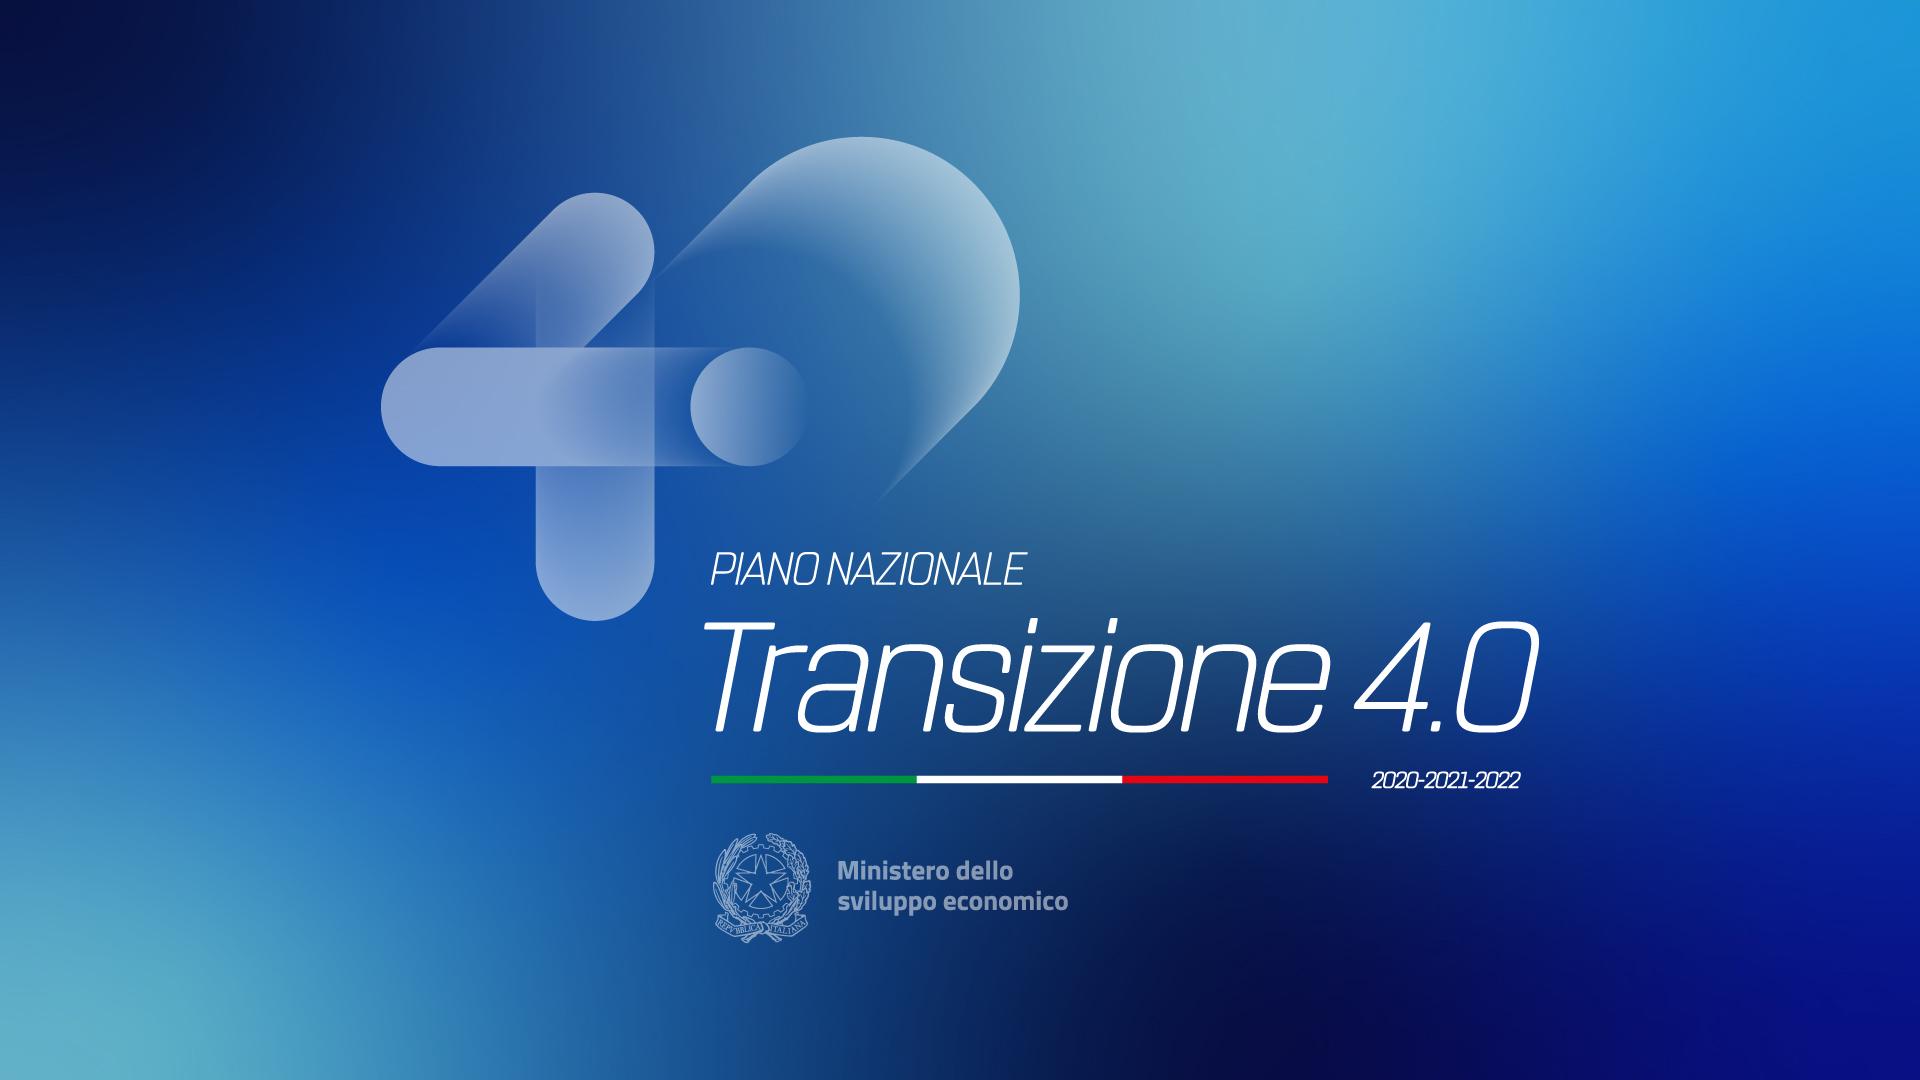 Credito Beni strumentali Piano transizione 4.0 MiSE